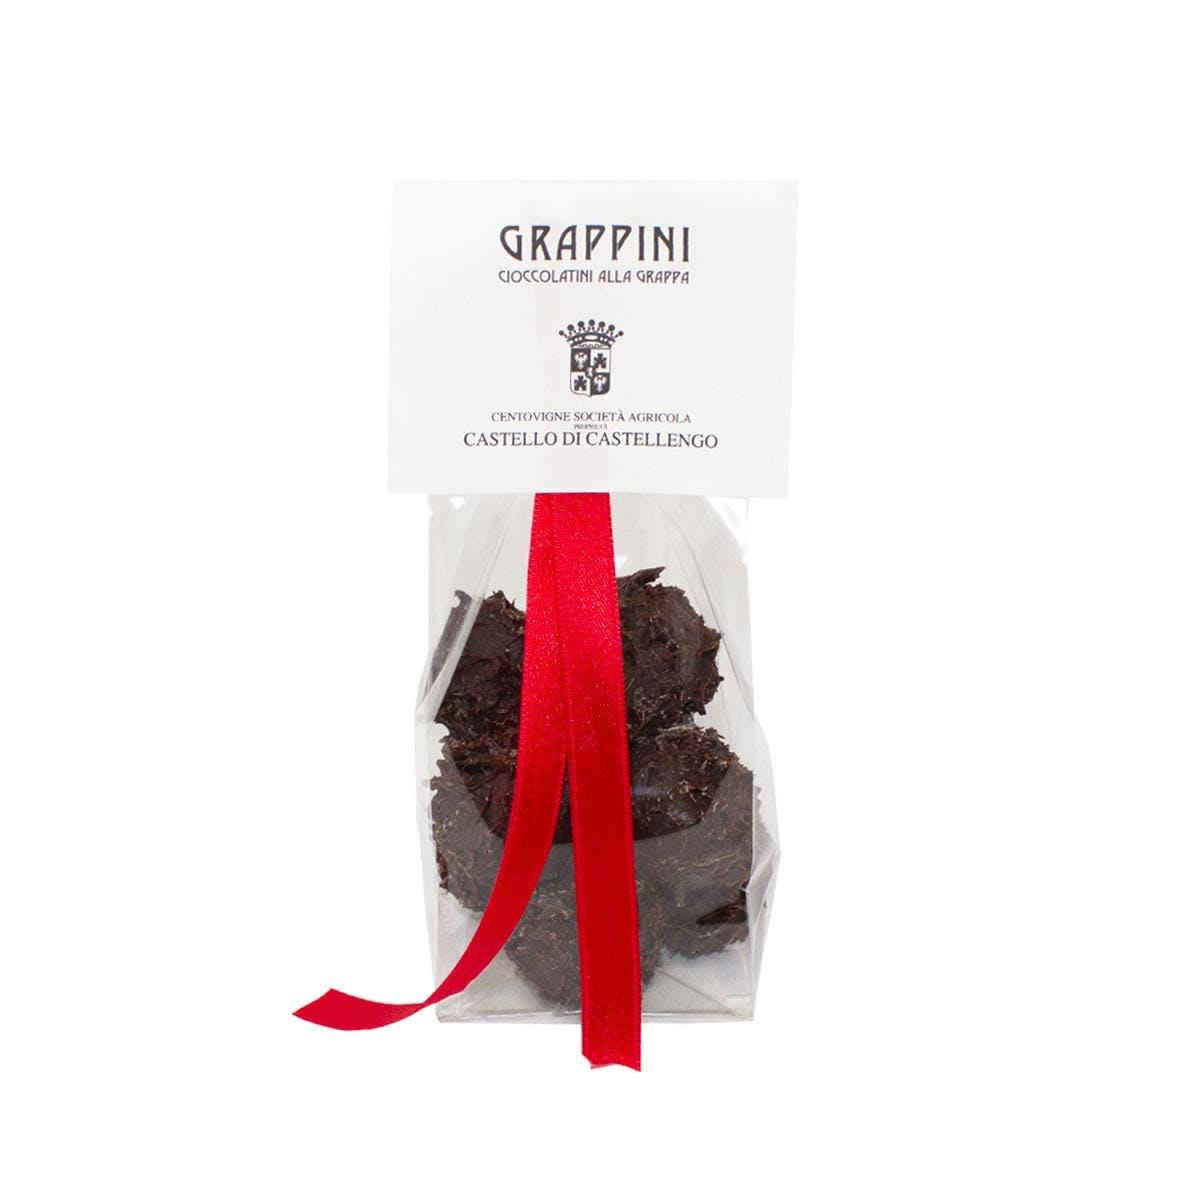 Grappini - Cioccolatini alla Grappa di Centovigne